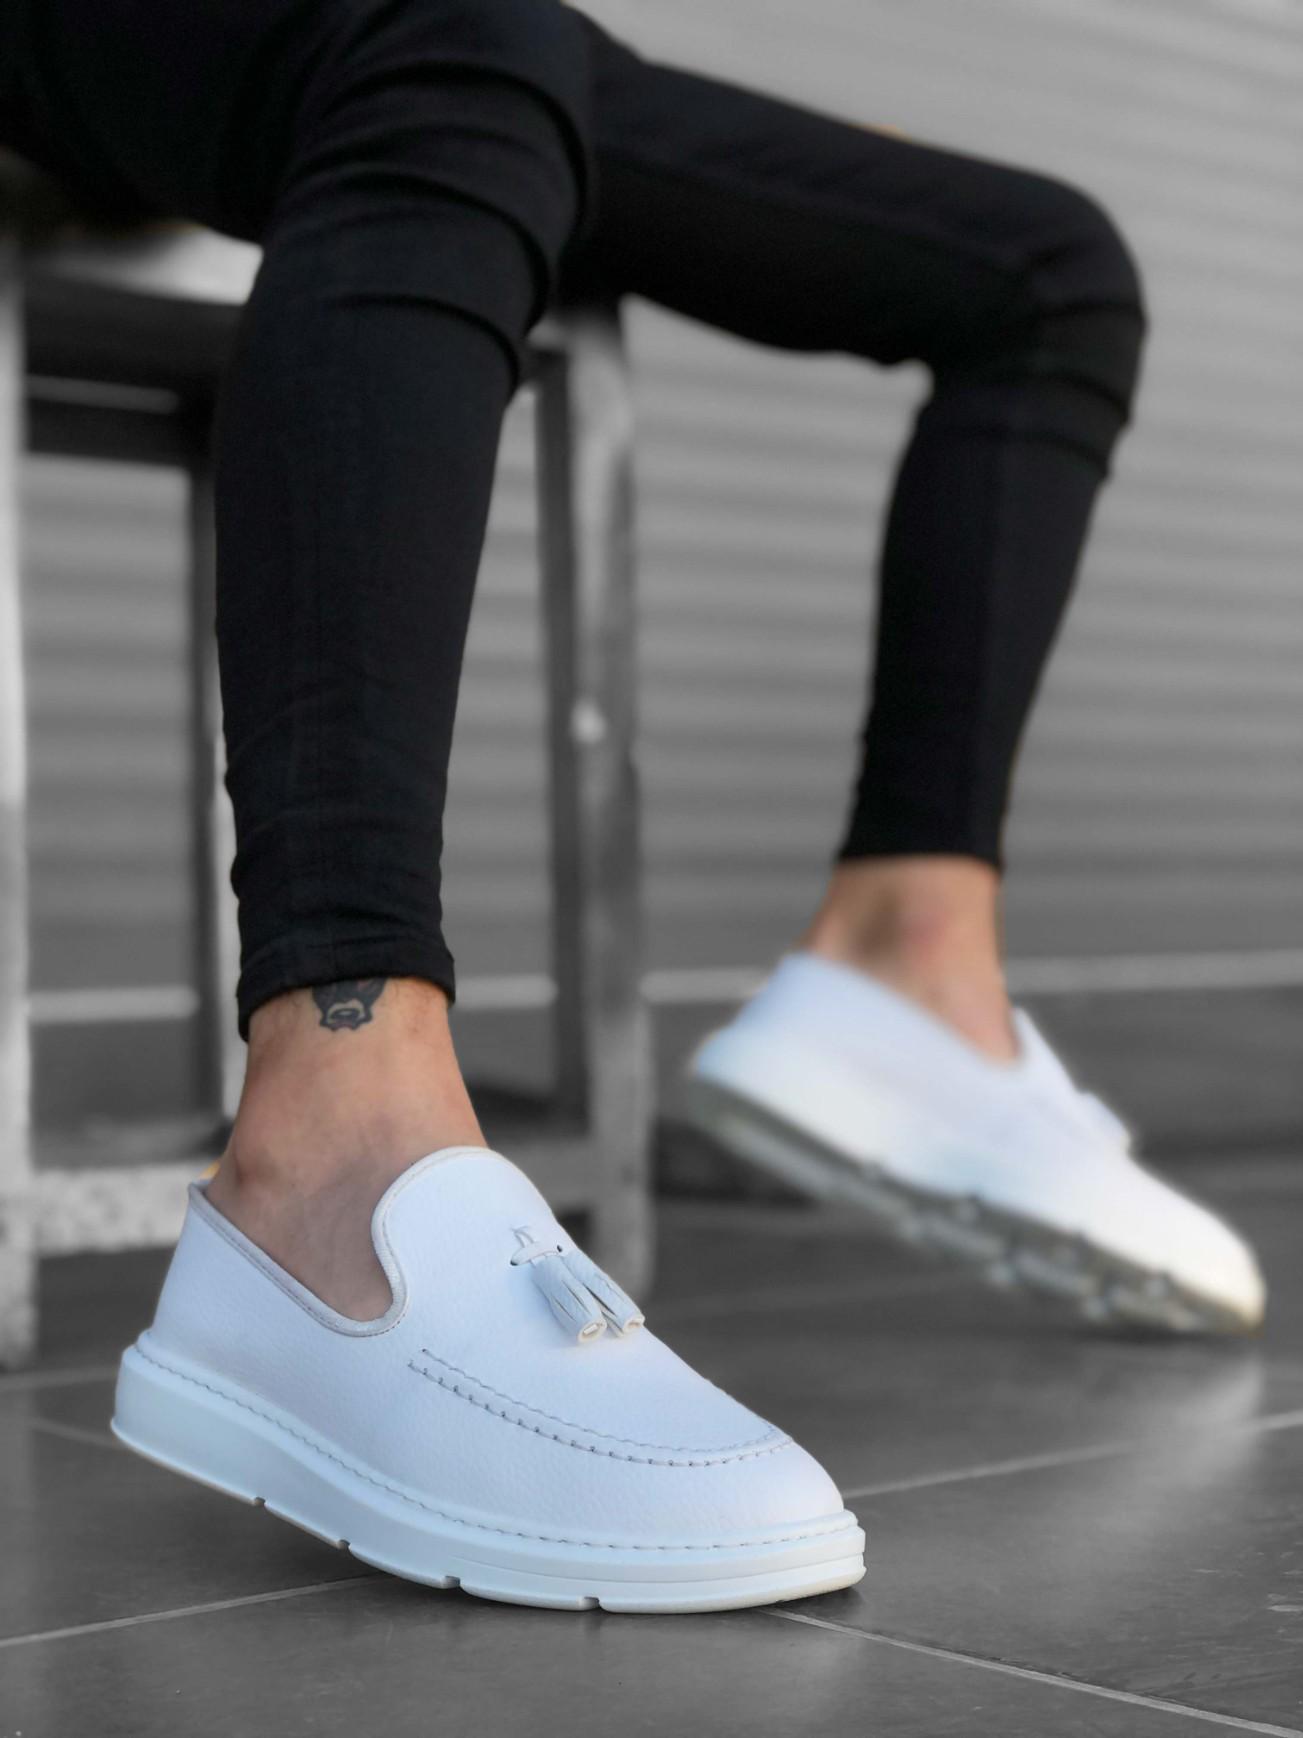 BA0005 Bağcıksız Yüksek Taban Klasik Beyaz Püsküllü Erkek Ayakkabı